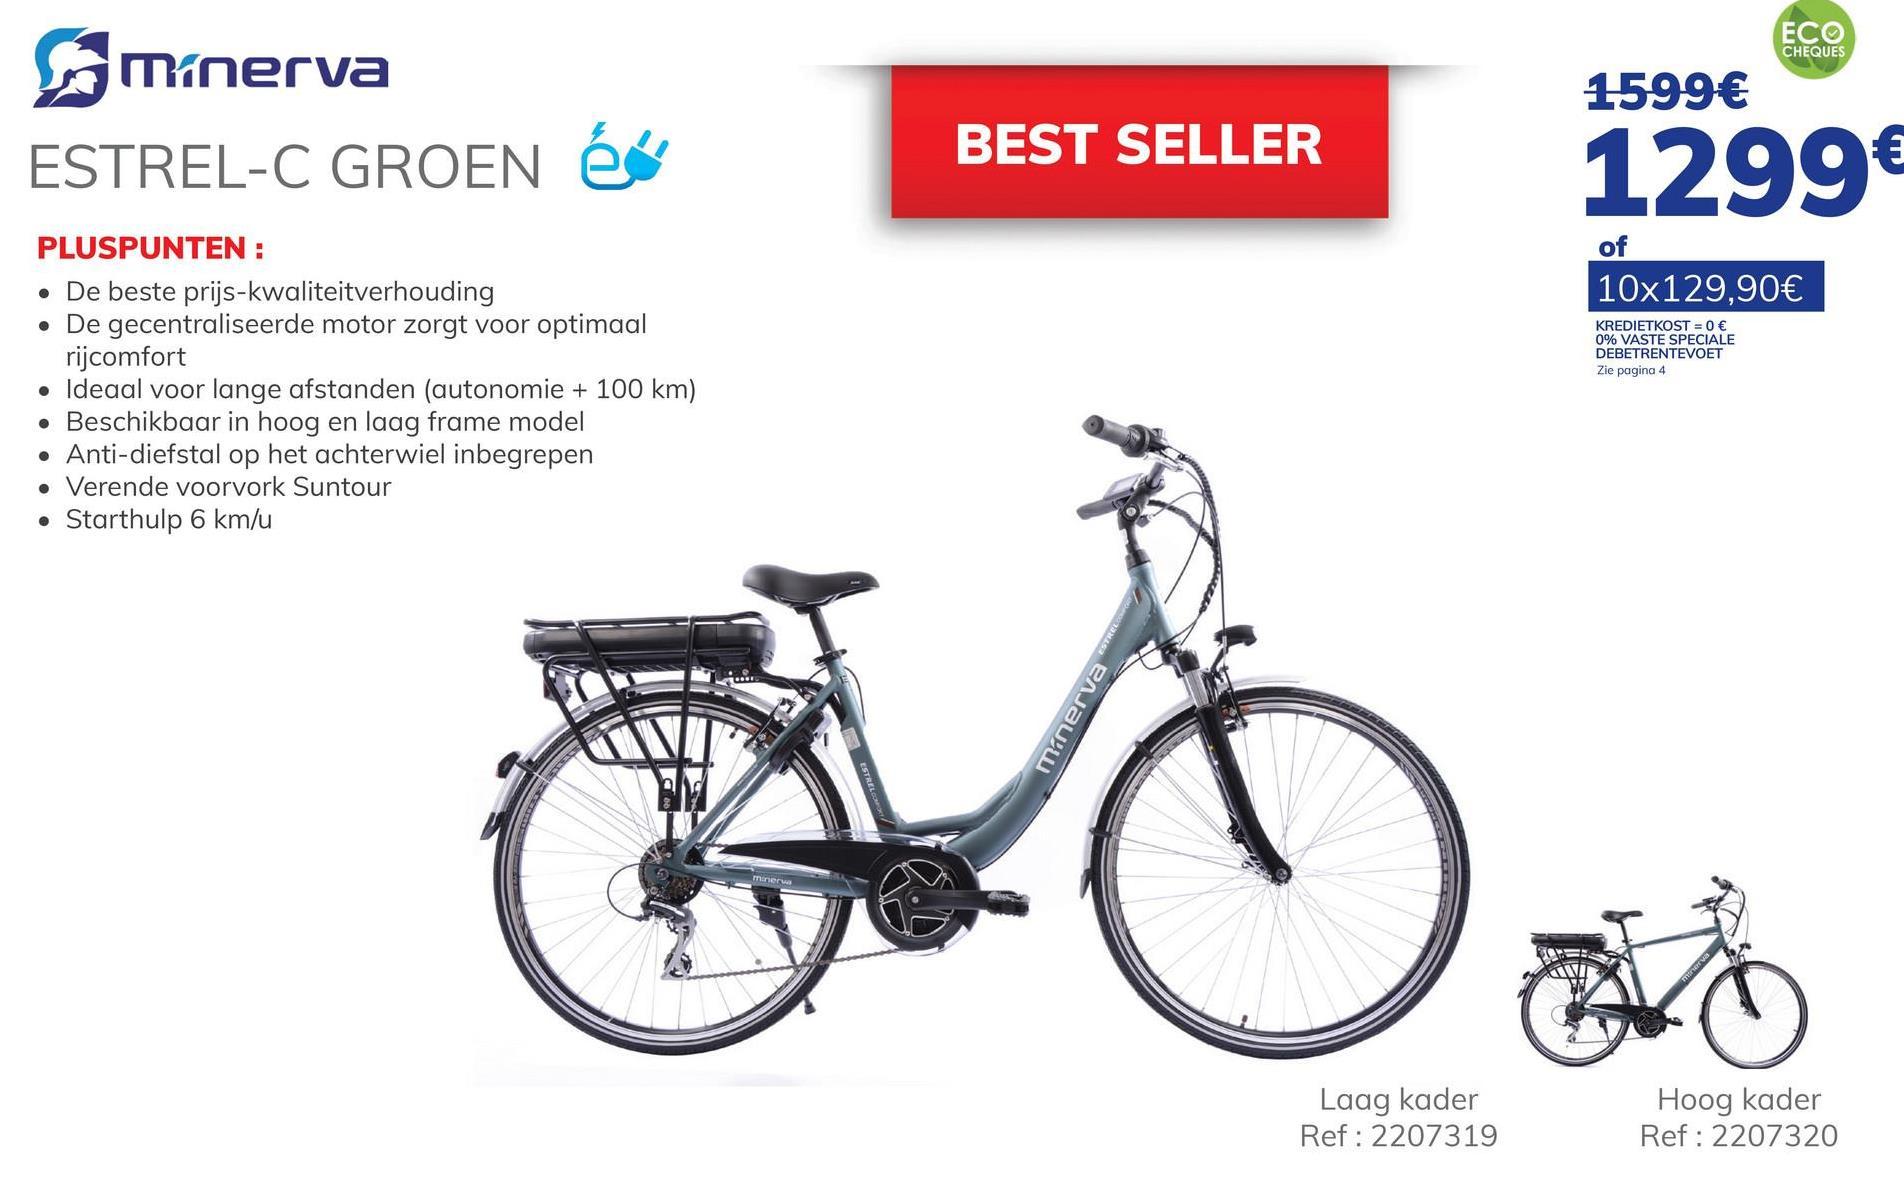 """Minerva Estrel C Dames Groen Een best seller, de MINERVA Estrel C is een stijlvolle fiets die dankzij zijn verende vork u extra comfort biedt op alle wegen. Het is sterk en licht dankzij het aluminium kader. De krachtige 250 W middenmotor die over 5 ondersteuningsstanden beschikt zal u met de Phylion batterij 36V/13,8AH een betrouwbare en efficiënte hulp bieden. De oplaadtijd van de batterij is 5 tot 6 uur en de autonomie is 80 tot 100 km. De fiets is voorzien van een 6 km lang assistentie waarbij het niet nodig is om te trappen. Het remsysteem is een mechanische schijf. Doordat de motor zich in het midden bevindt en de batterij onder de bagagedrager is de fiets zeer stabiel en wendbaar. De oplader wordt bij de fiets geleverd. Alle Minerva en Orus fietsen krijgen een garantie van 3 jaar mee, met en gratis jaarlijks onderhoud tijdens de garantie periode*. Meer info in een Auto5 center. *Uitgezonderd onderdelen Denk eraan! Fietsen en fietstoebehoren kan u ook betalen met Ecocheques in een Auto5 center 5 redenen om een Minerva of Orus elektrische fiets te kopen bij Auto5: Klik hier. """""""". - stijlvol en comfortabel - 28 wielen - motor trapas 250 WATT - Shimano Acera 7 versnellingen - phylion batterij 36V/13,8AH"""""""